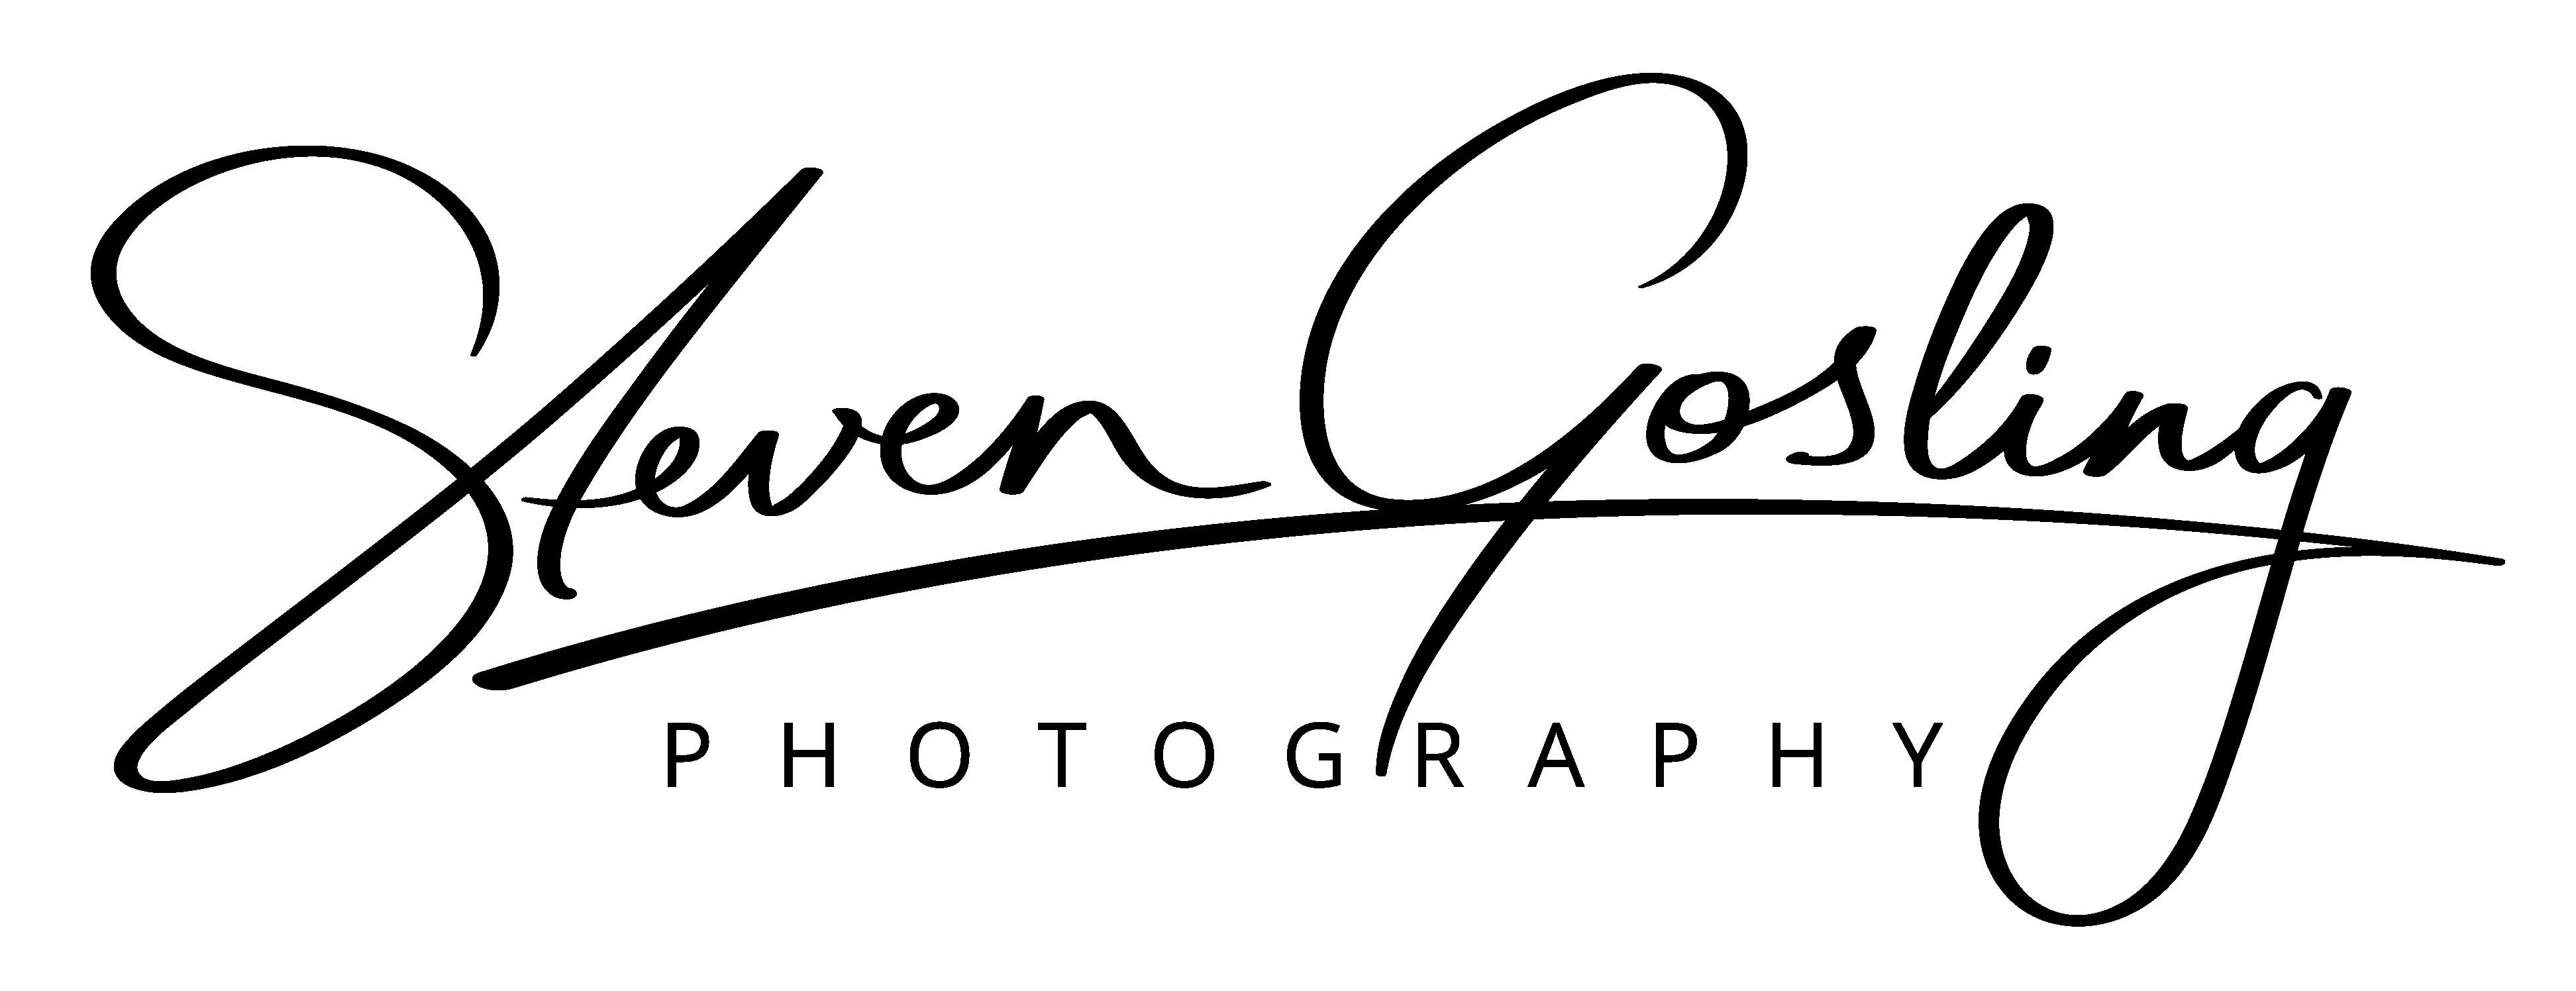 Steven Gosling Photography